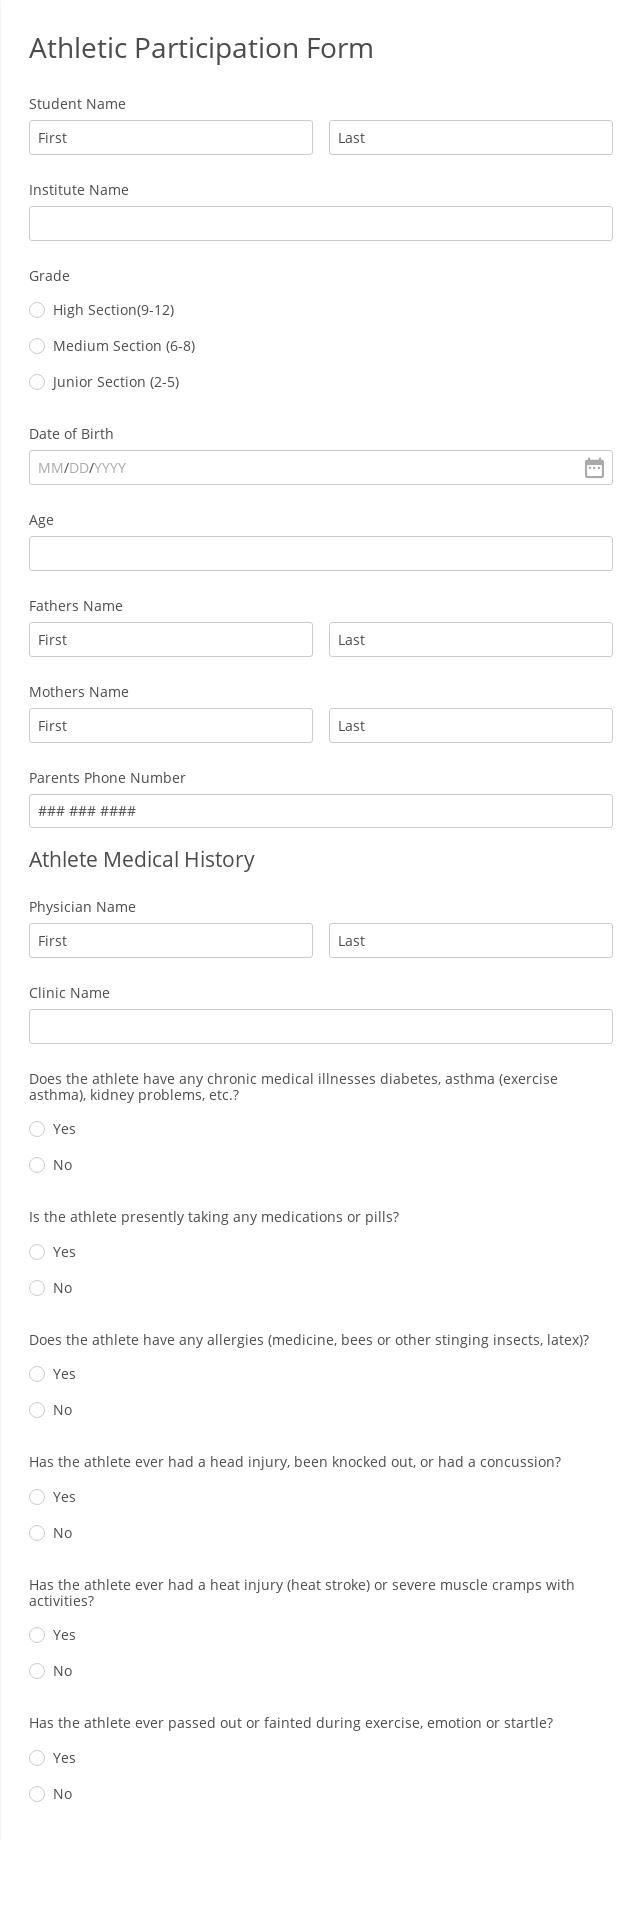 Athletic Participation Form